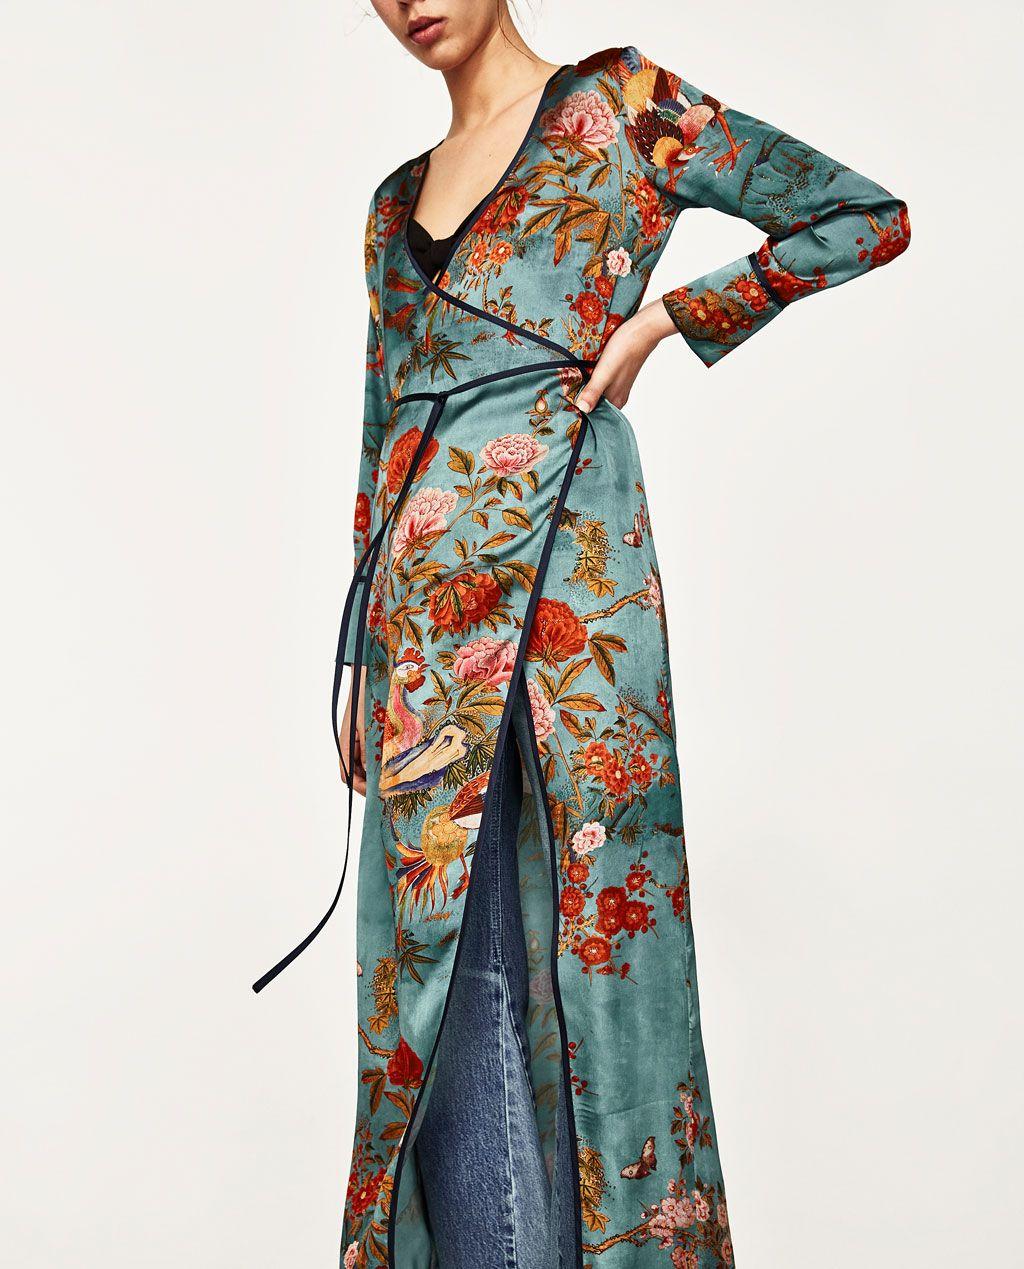 to exile Beaten truck Industrialize  PRINTED KIMONO DRESS-Coats-OUTERWEAR-WOMAN | ZARA United States | Vestiti, Abito  kimono, Abiti semplici